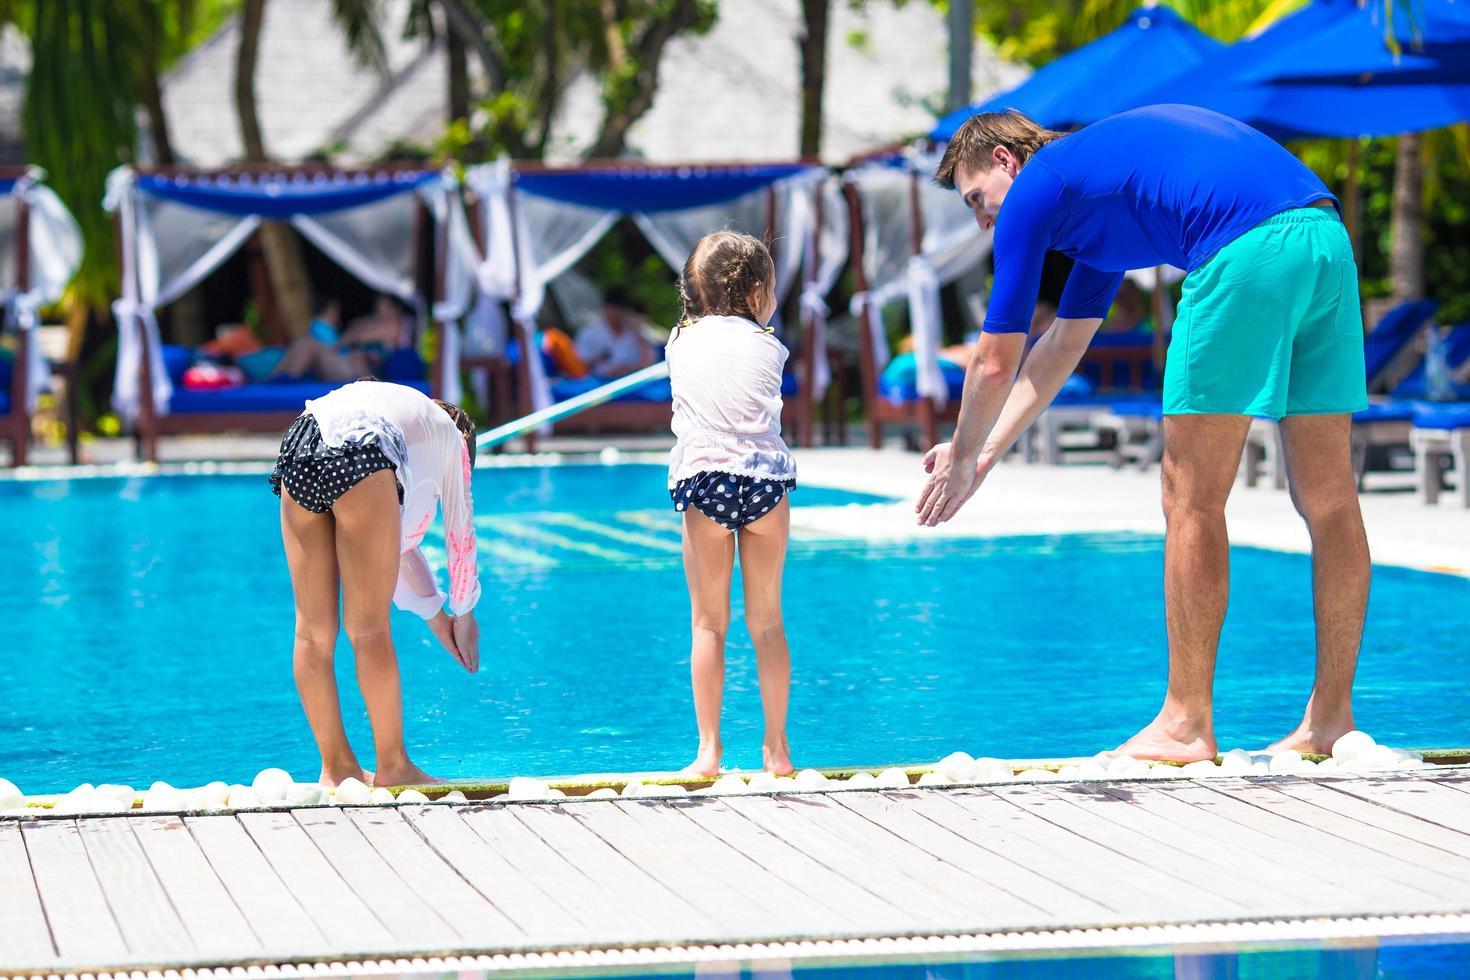 maldives, asie du sud, 2020 - père apprenant à ses filles à plonger dans une piscine photo